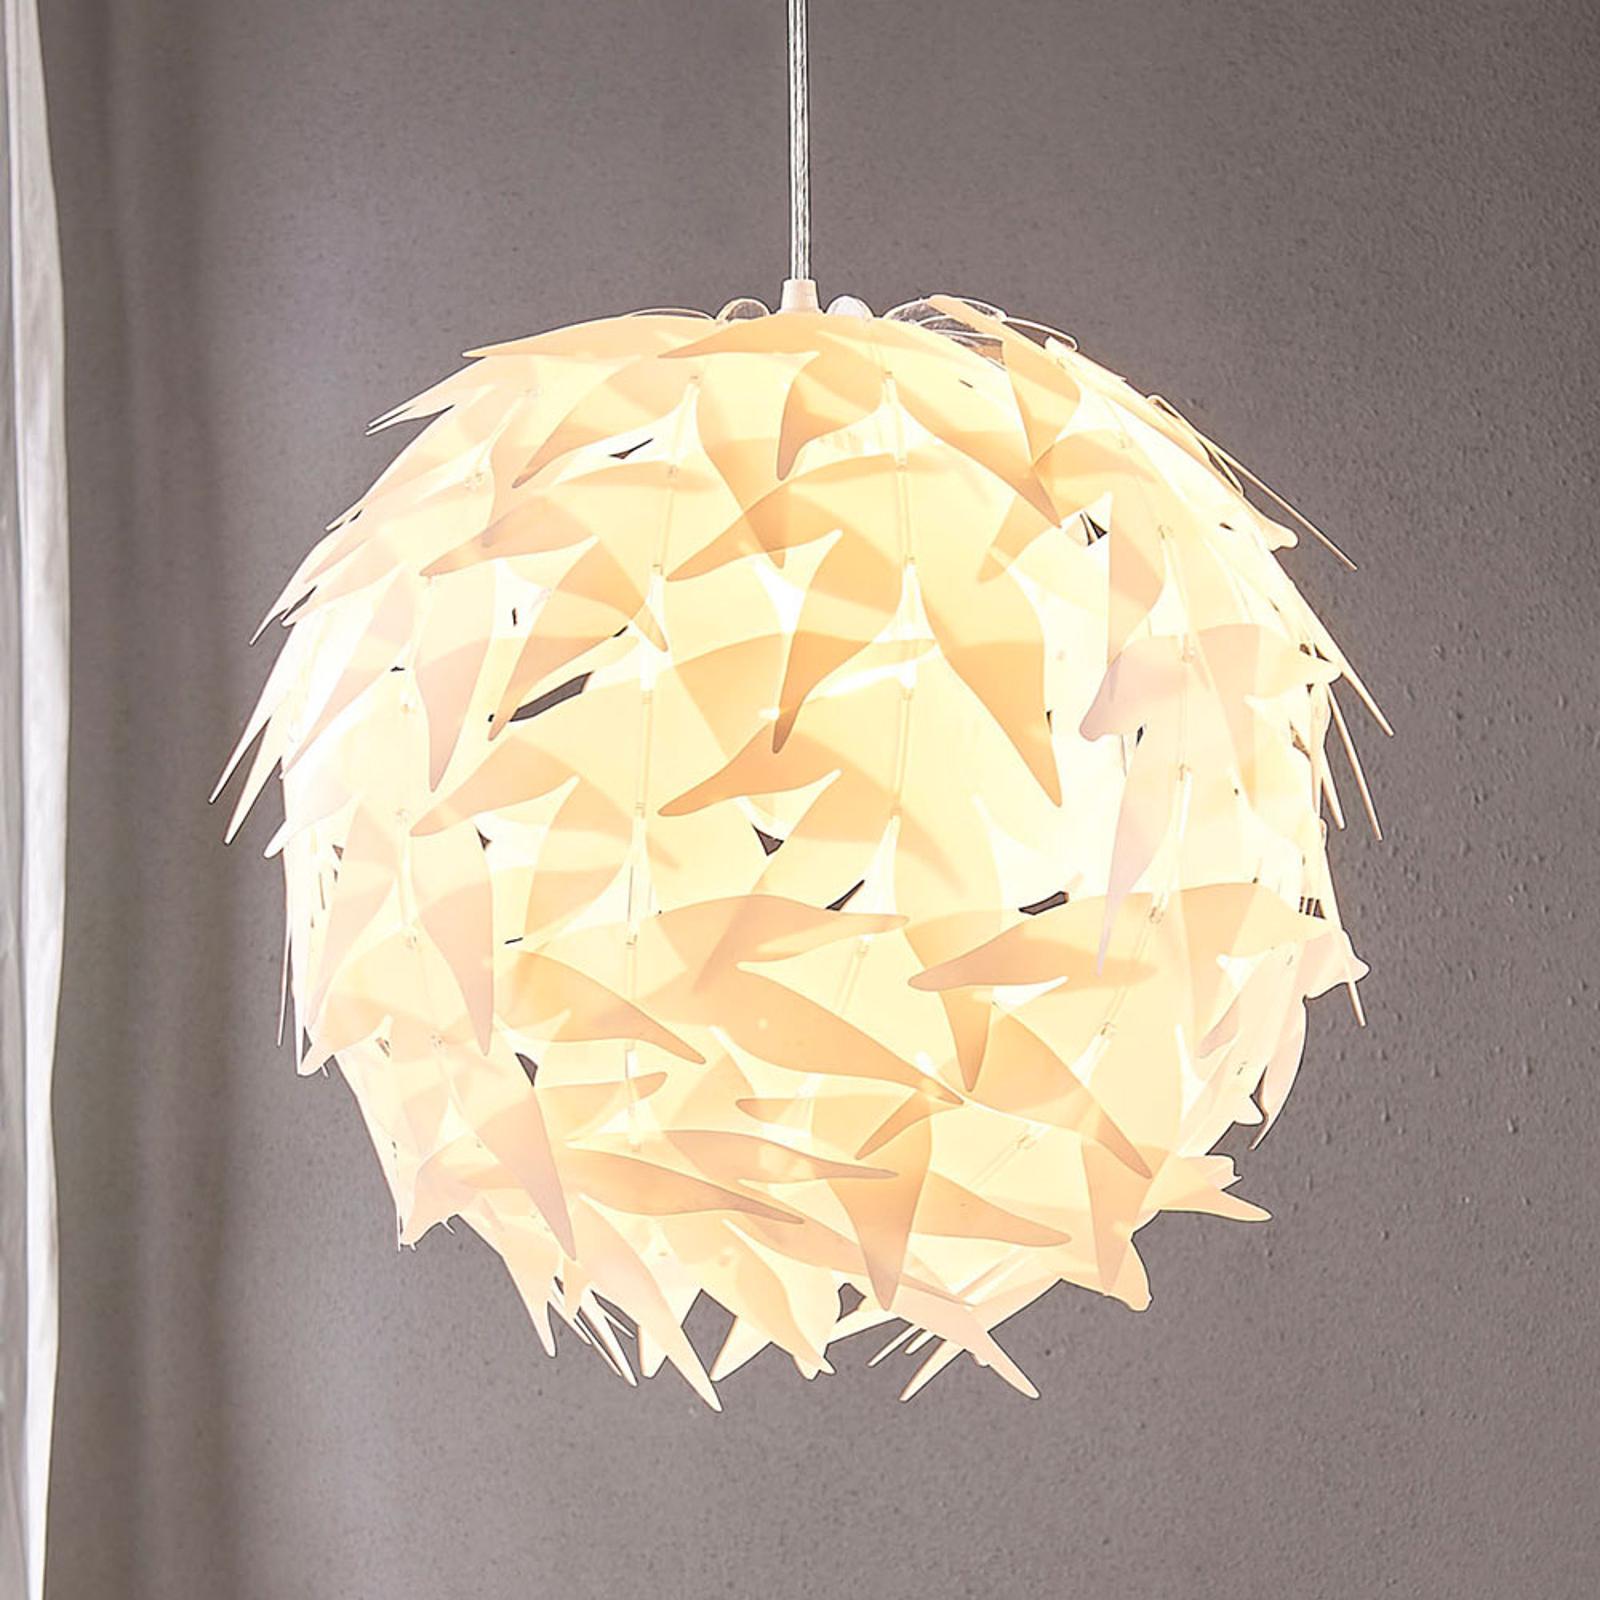 Lampa wisząca Corin w kształcie kuli, biała